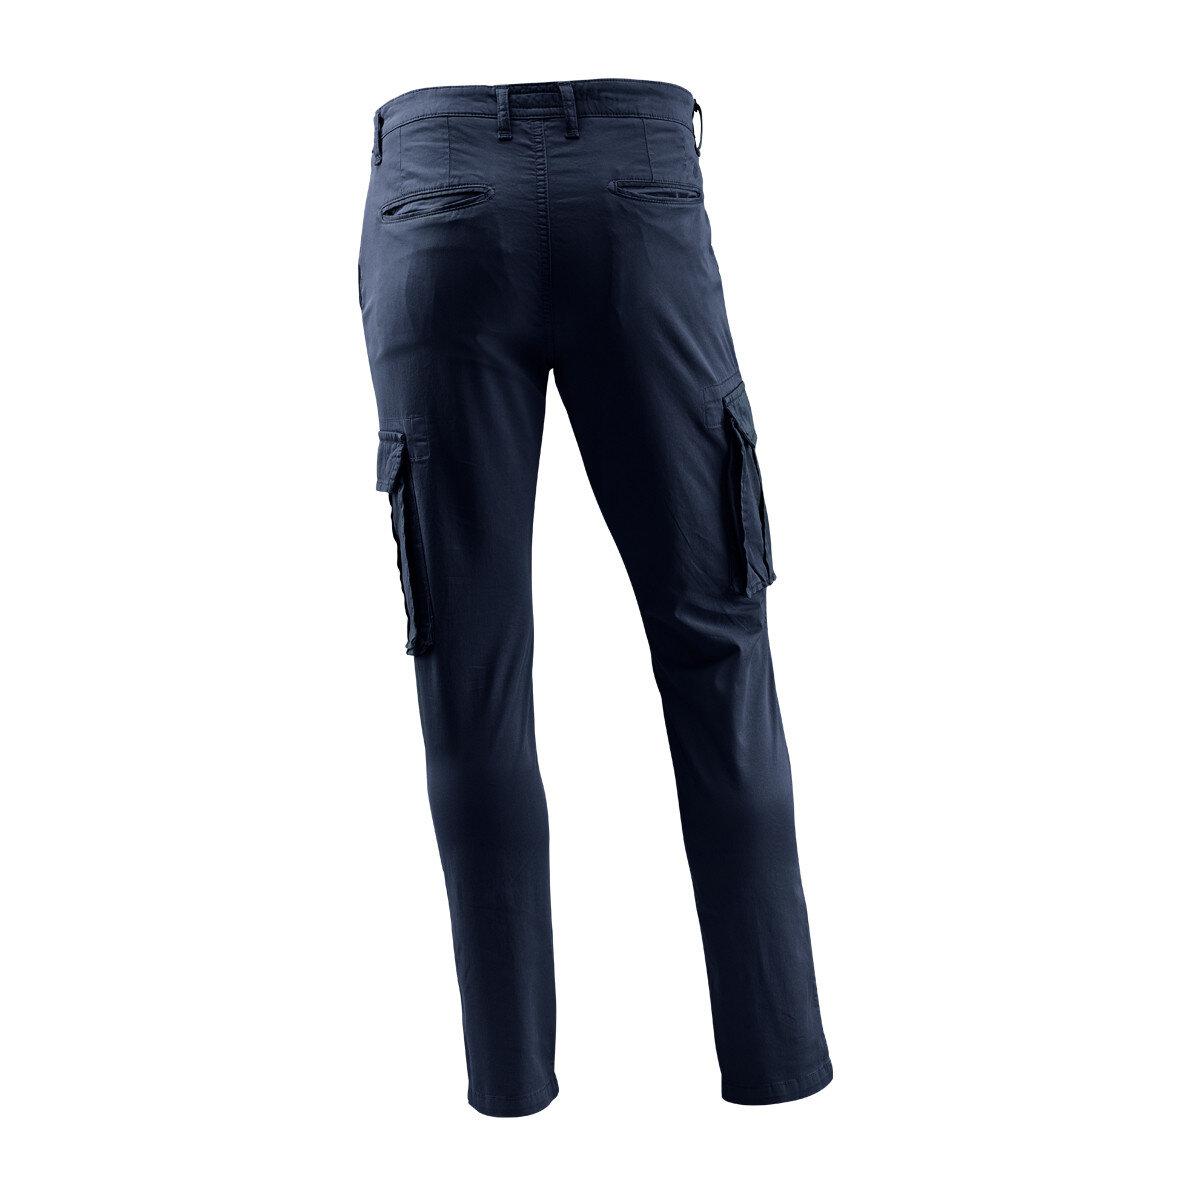 CARGO Pantaloni Uomo